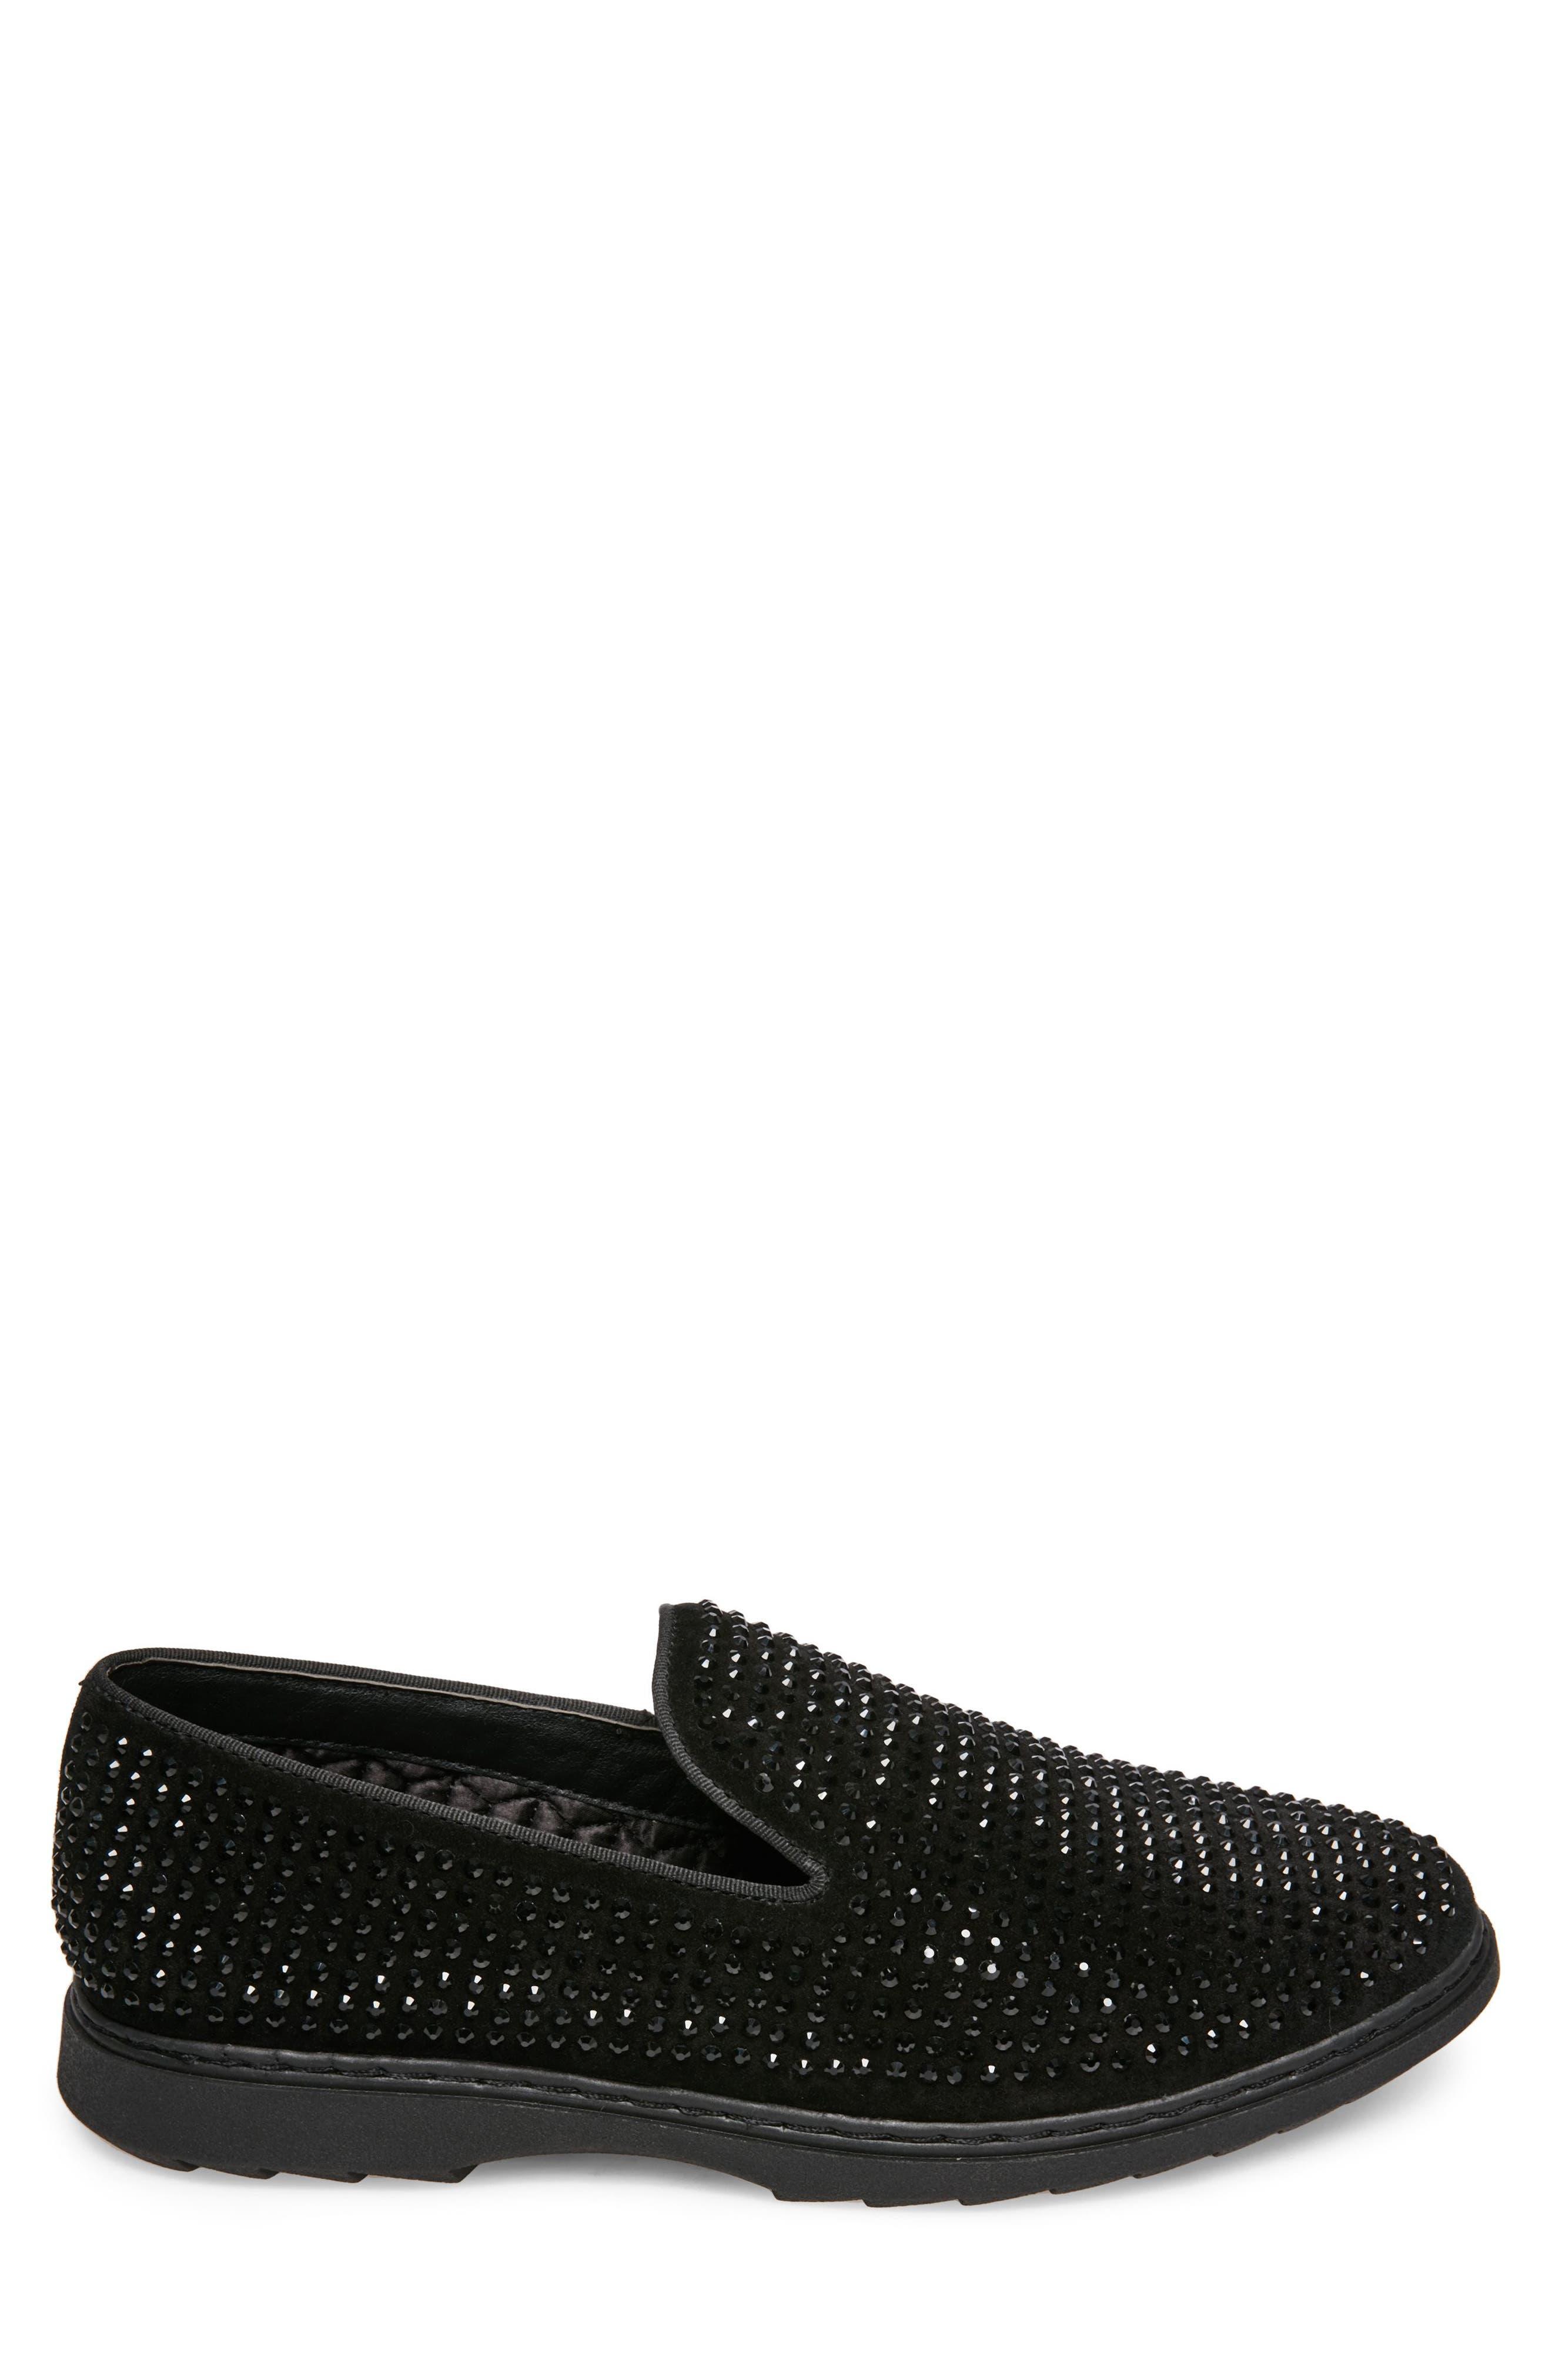 Grinder Embellished Venetian Loafer,                             Alternate thumbnail 3, color,                             BLACK LEATHER